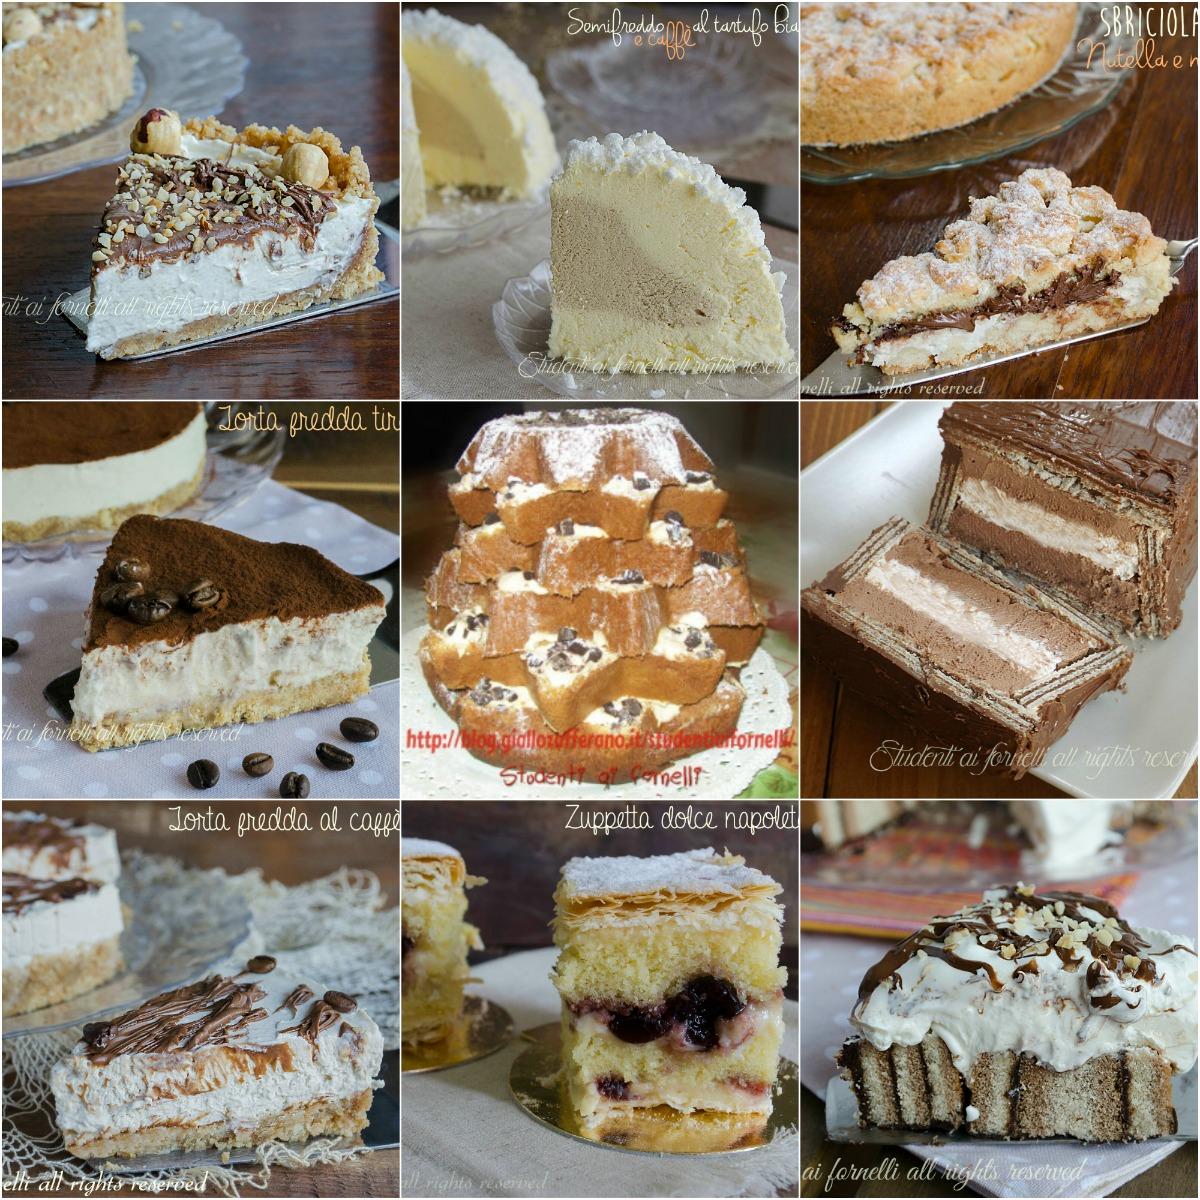 Dolci per capodanno facili e veloci ricette cenone 2015 for Ricette facili dolci